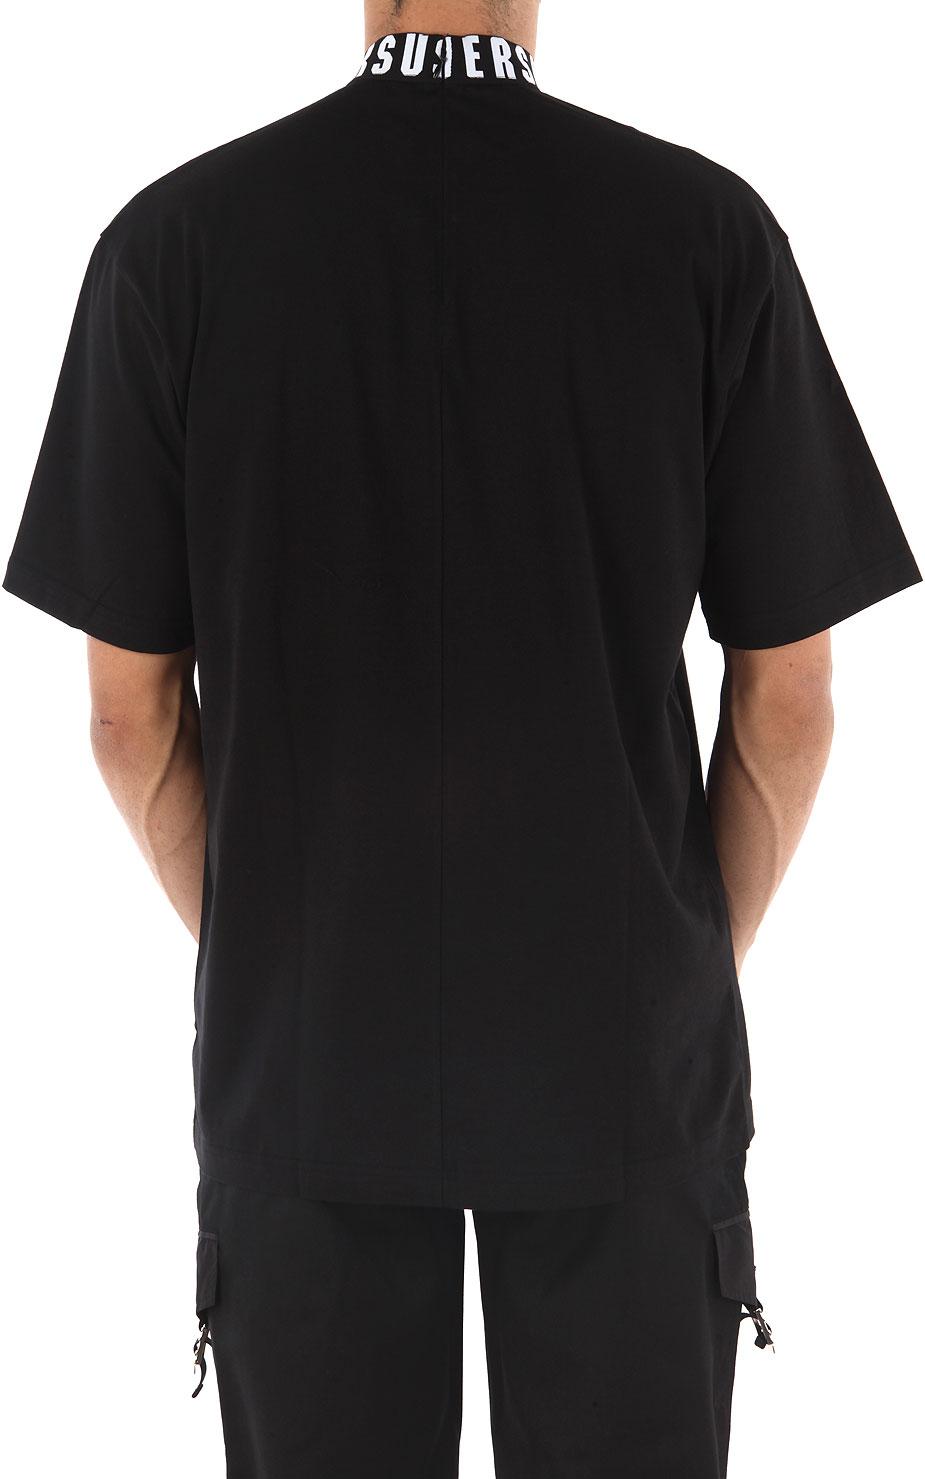 Abbigliamento Uomo Versace Codice Articolo Bu90474-bj1008-b1008